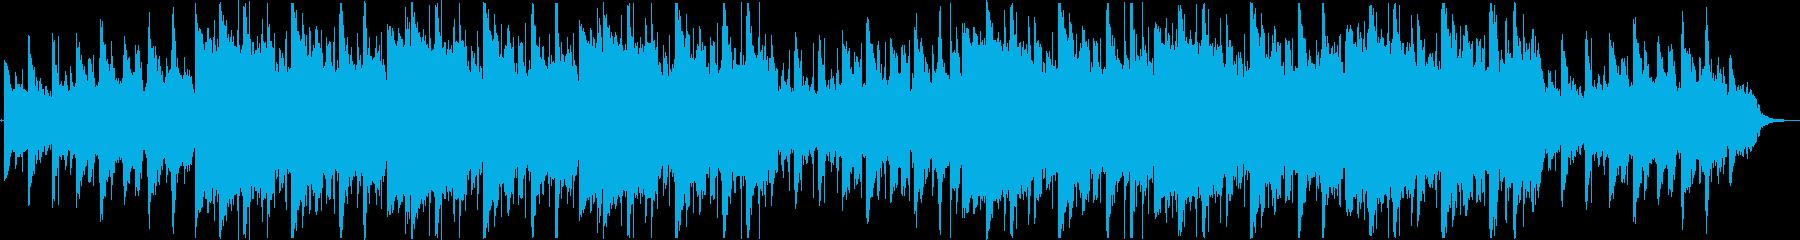 甘いアダルトなジャズバラードBGMの再生済みの波形